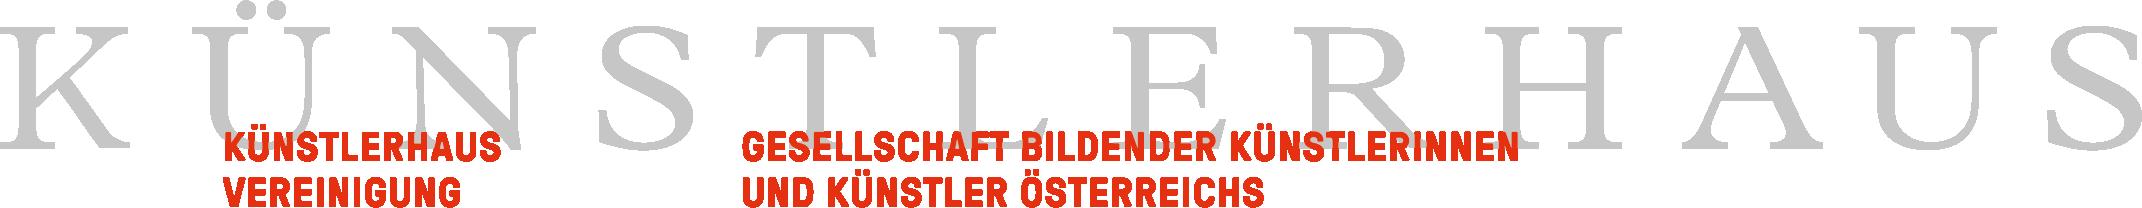 Künstlerhaus Wien logo